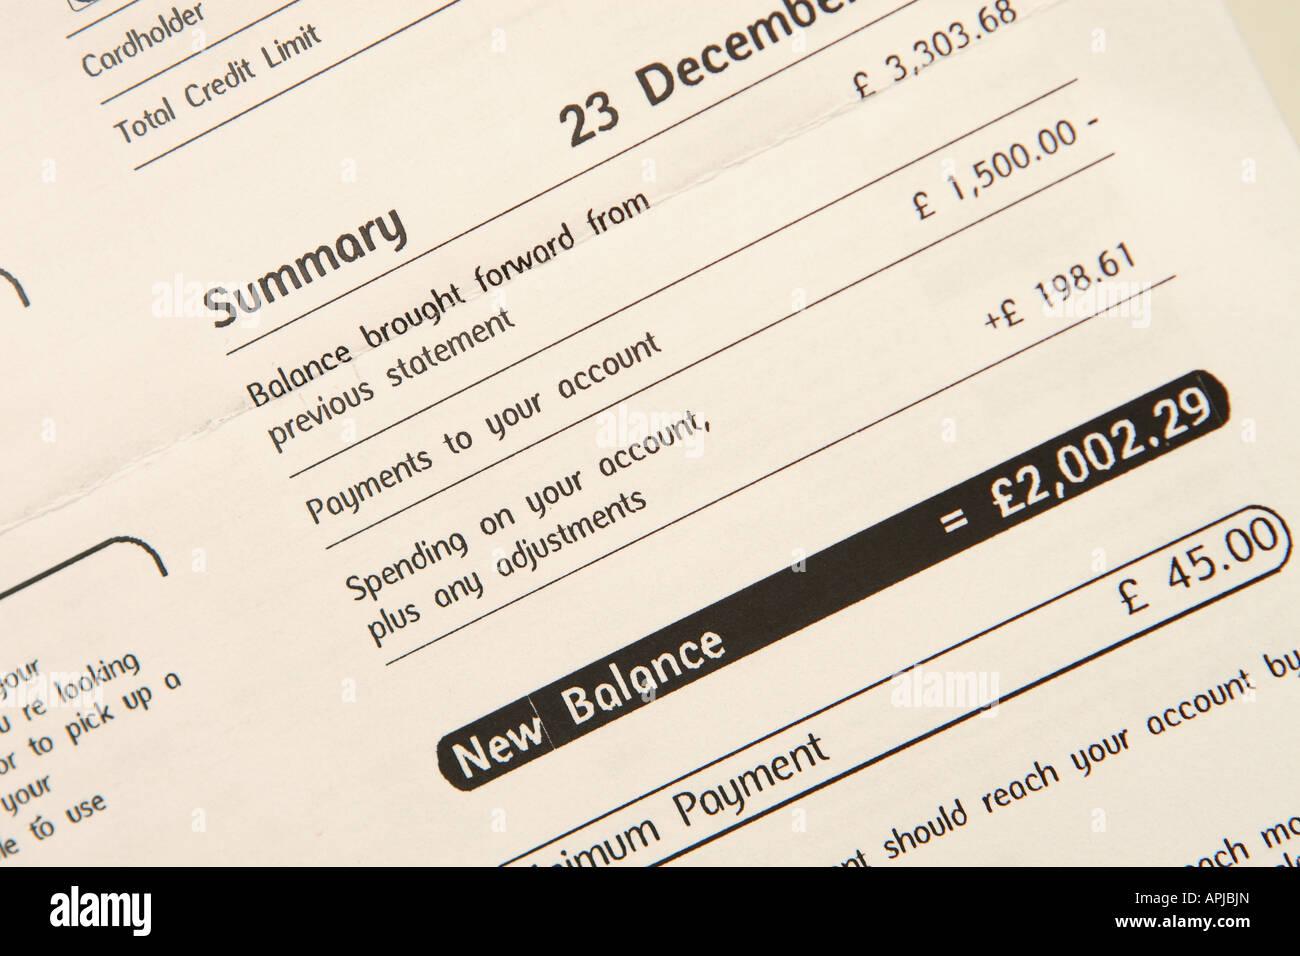 Kreditkarten-monatliche Rechnung zeigen Schulden insgesamt ...